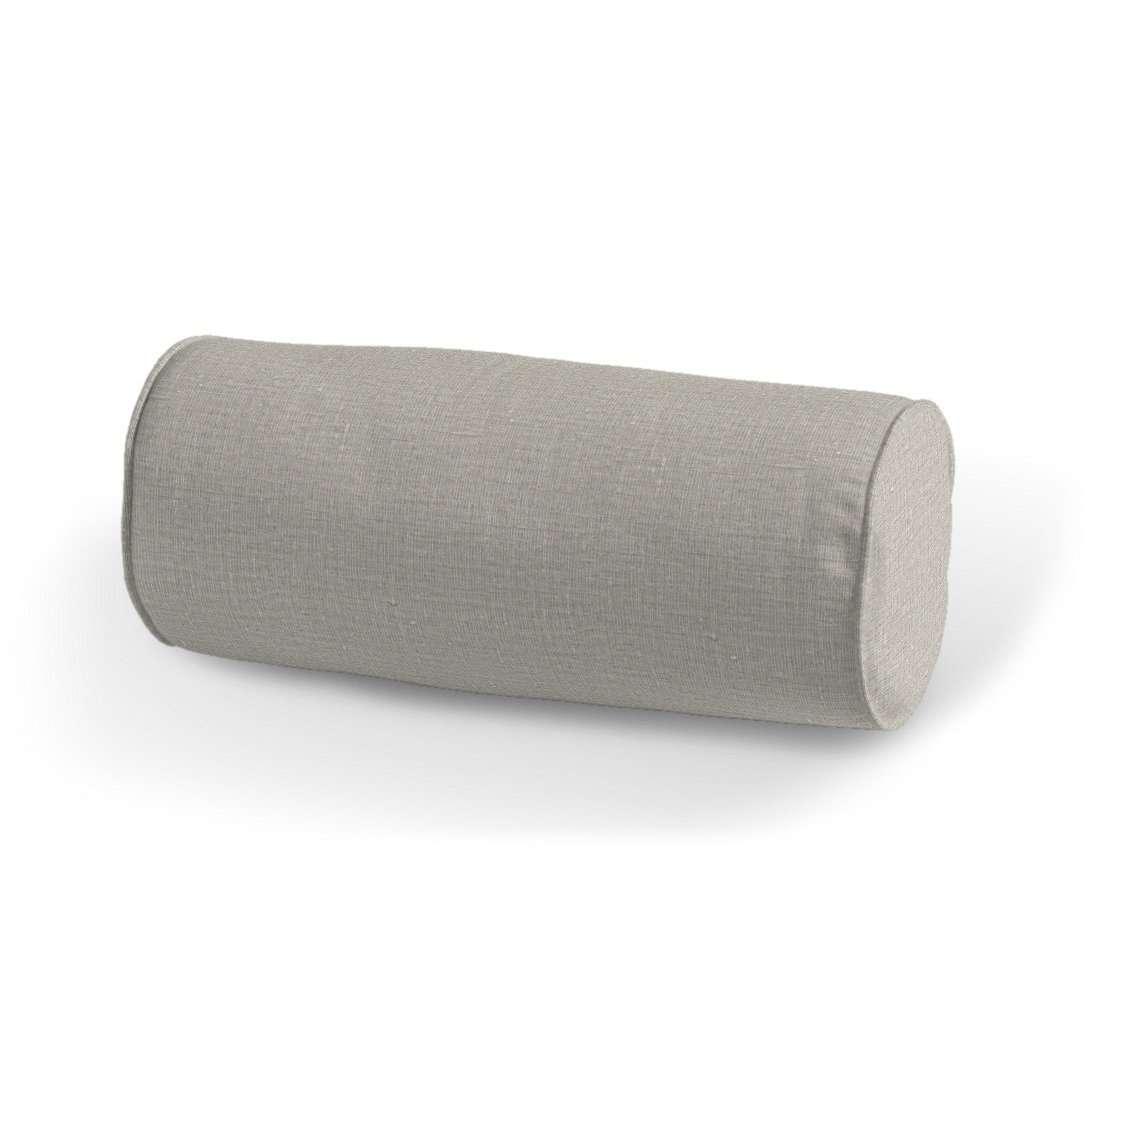 Wałek prosty Ø 16 x 40 cm w kolekcji Linen, tkanina: 392-05